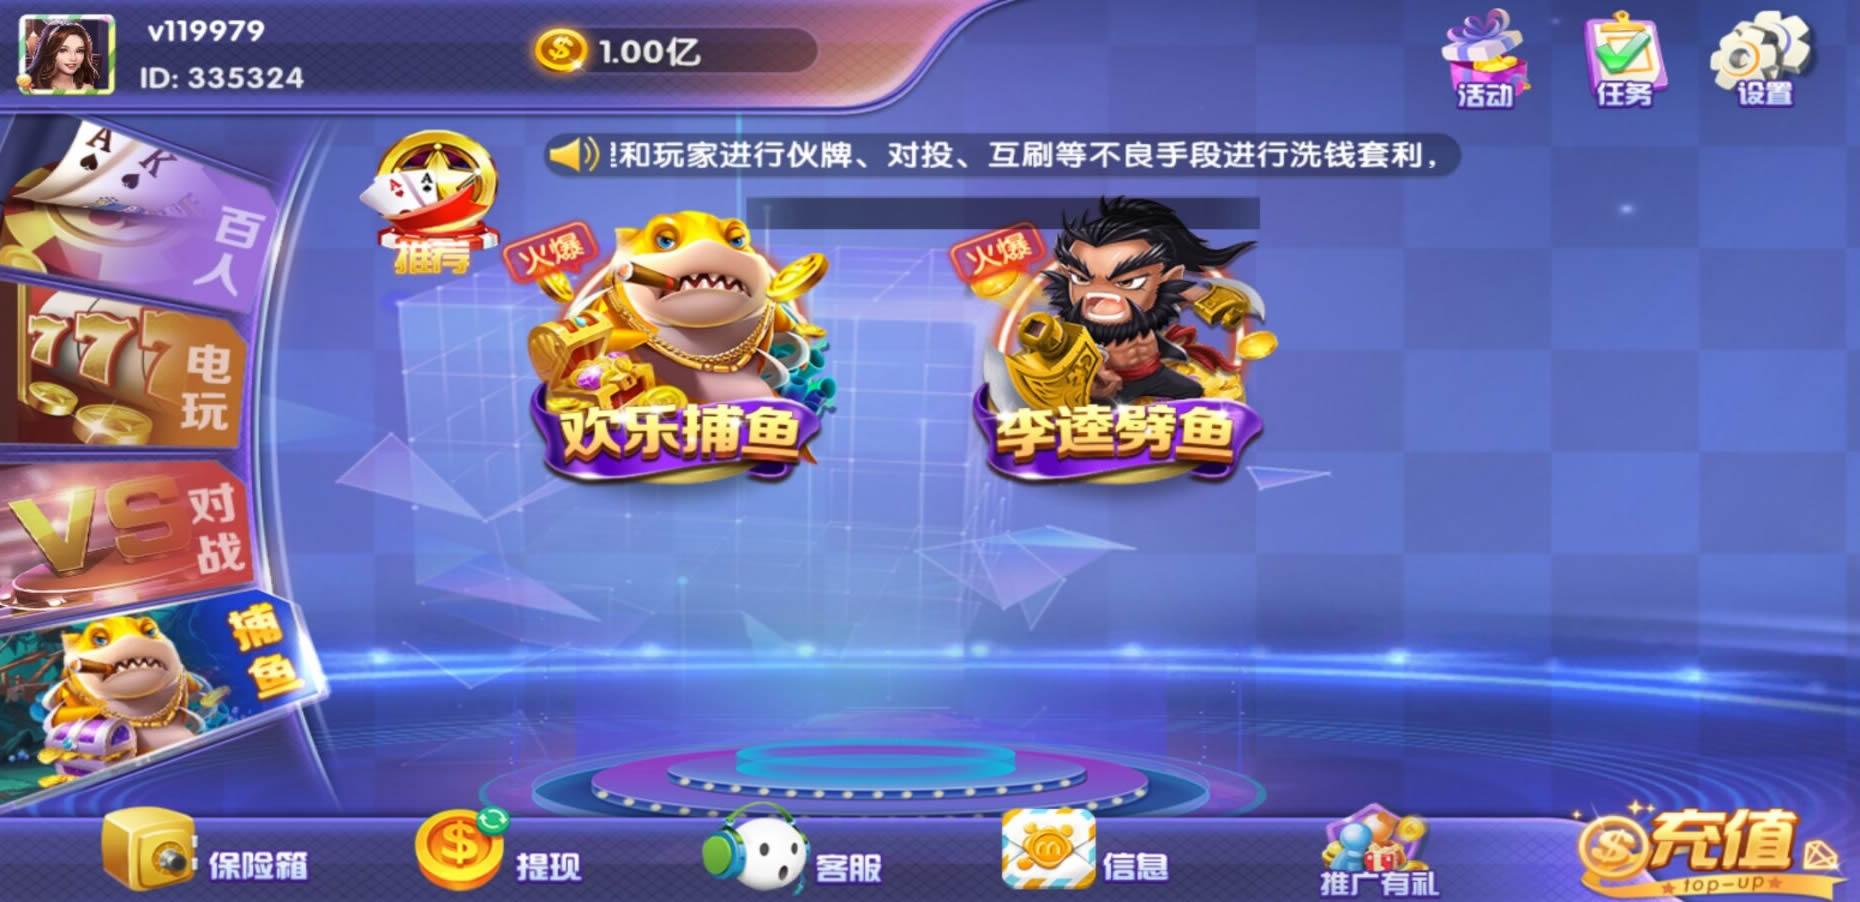 百棋大众 第二套UI 潮人娱乐,20多款子游戏 运营版插图(2)